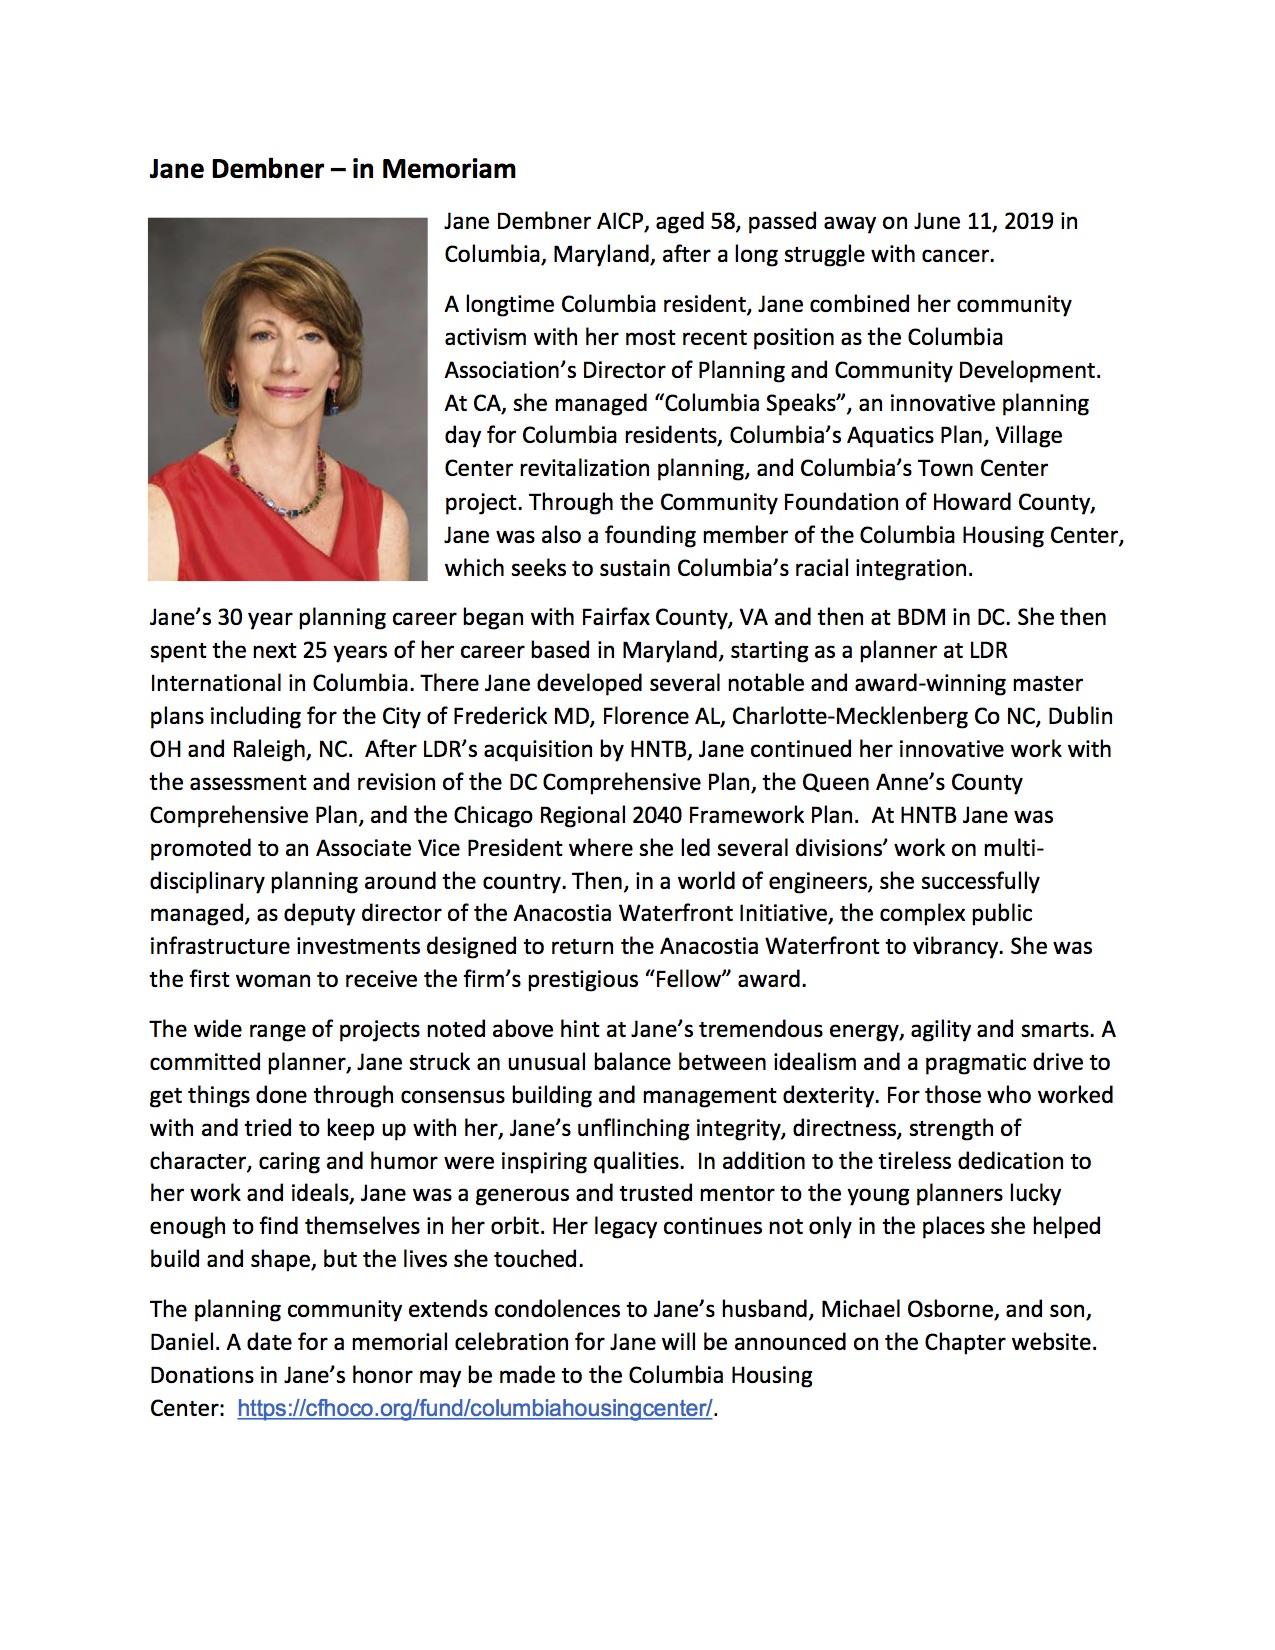 Jane Dembner Obituary.jpg